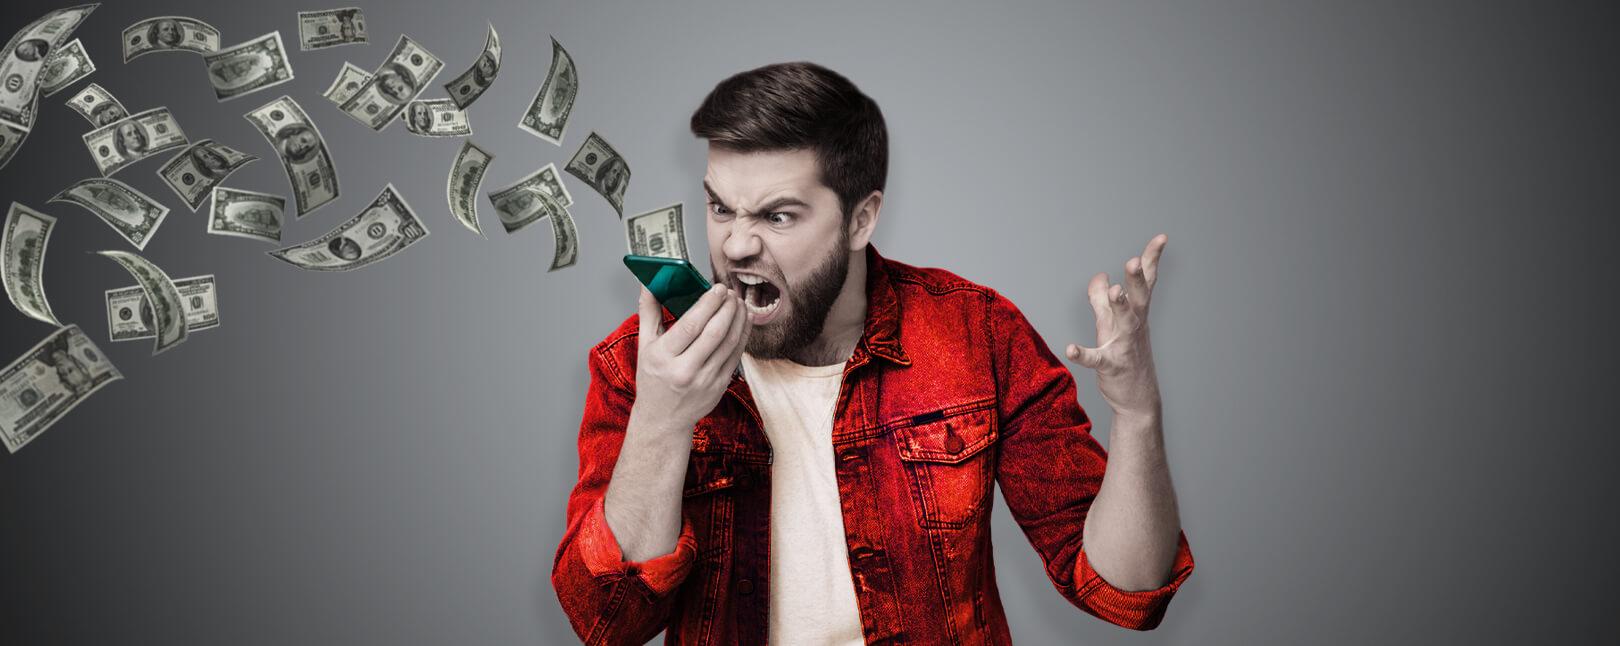 Subscription Billing Model